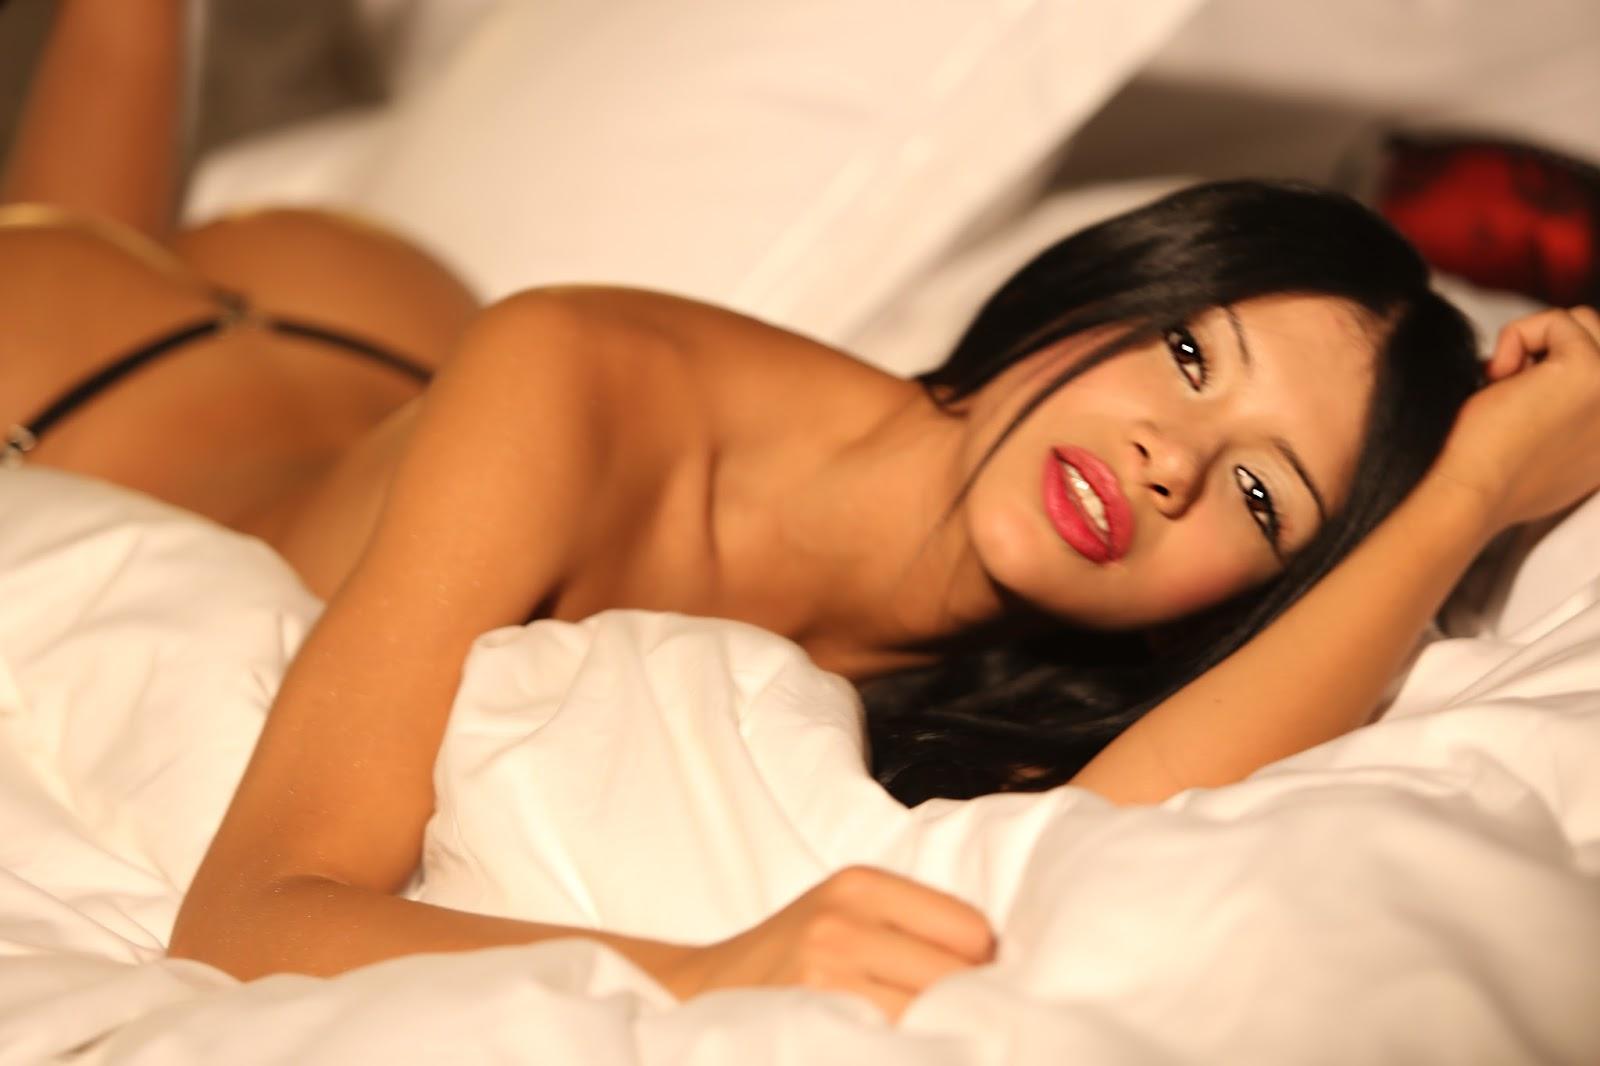 Jovensita desnuda de colombia bailando para todo el mundo - 1 part 9